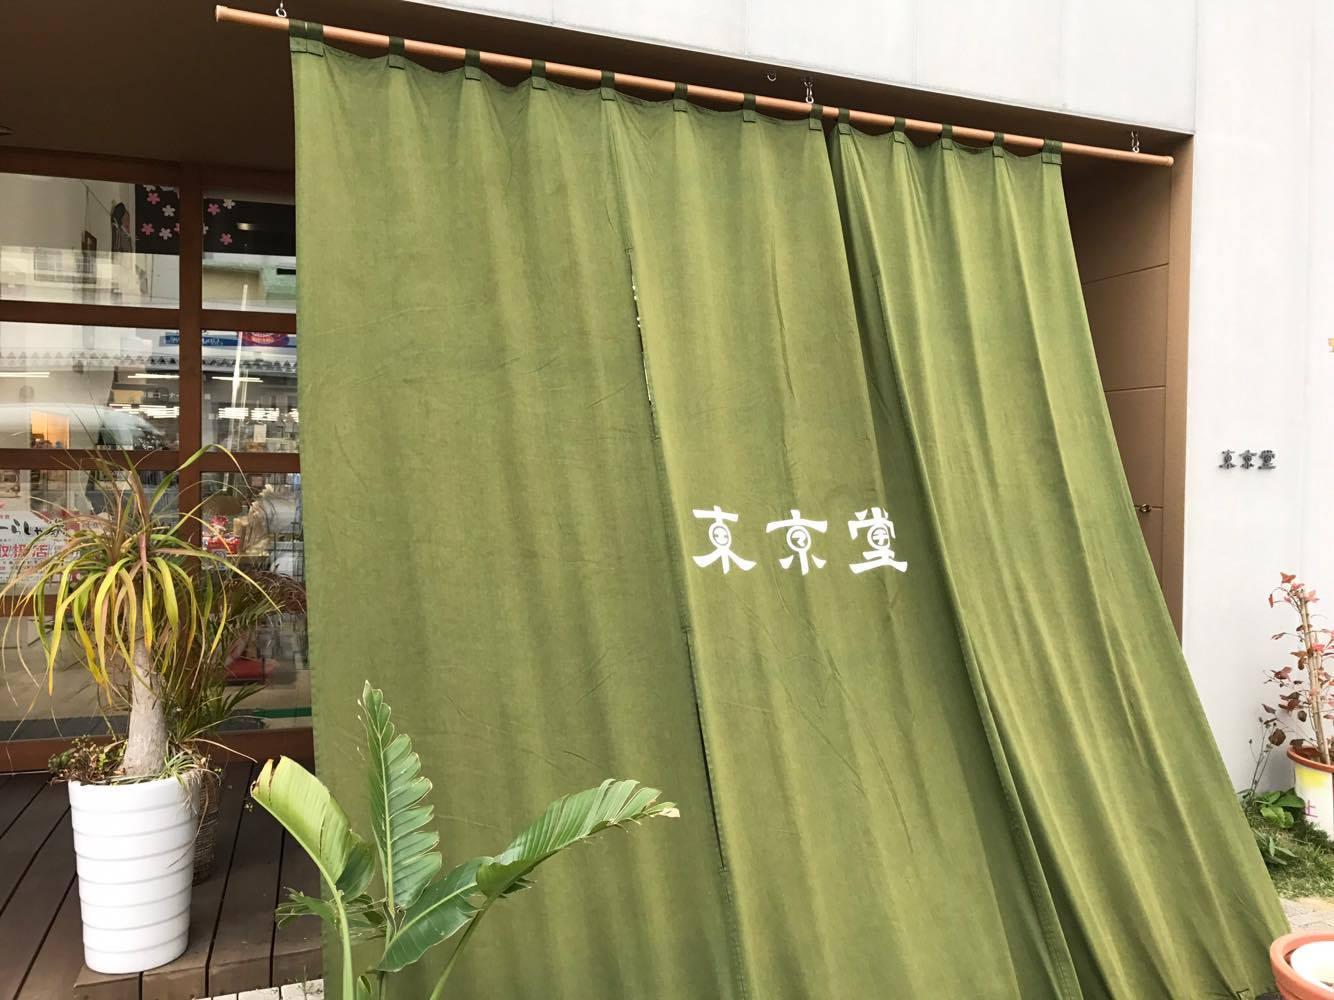 センス溢れる大きな暖簾が目印*東京堂さん*